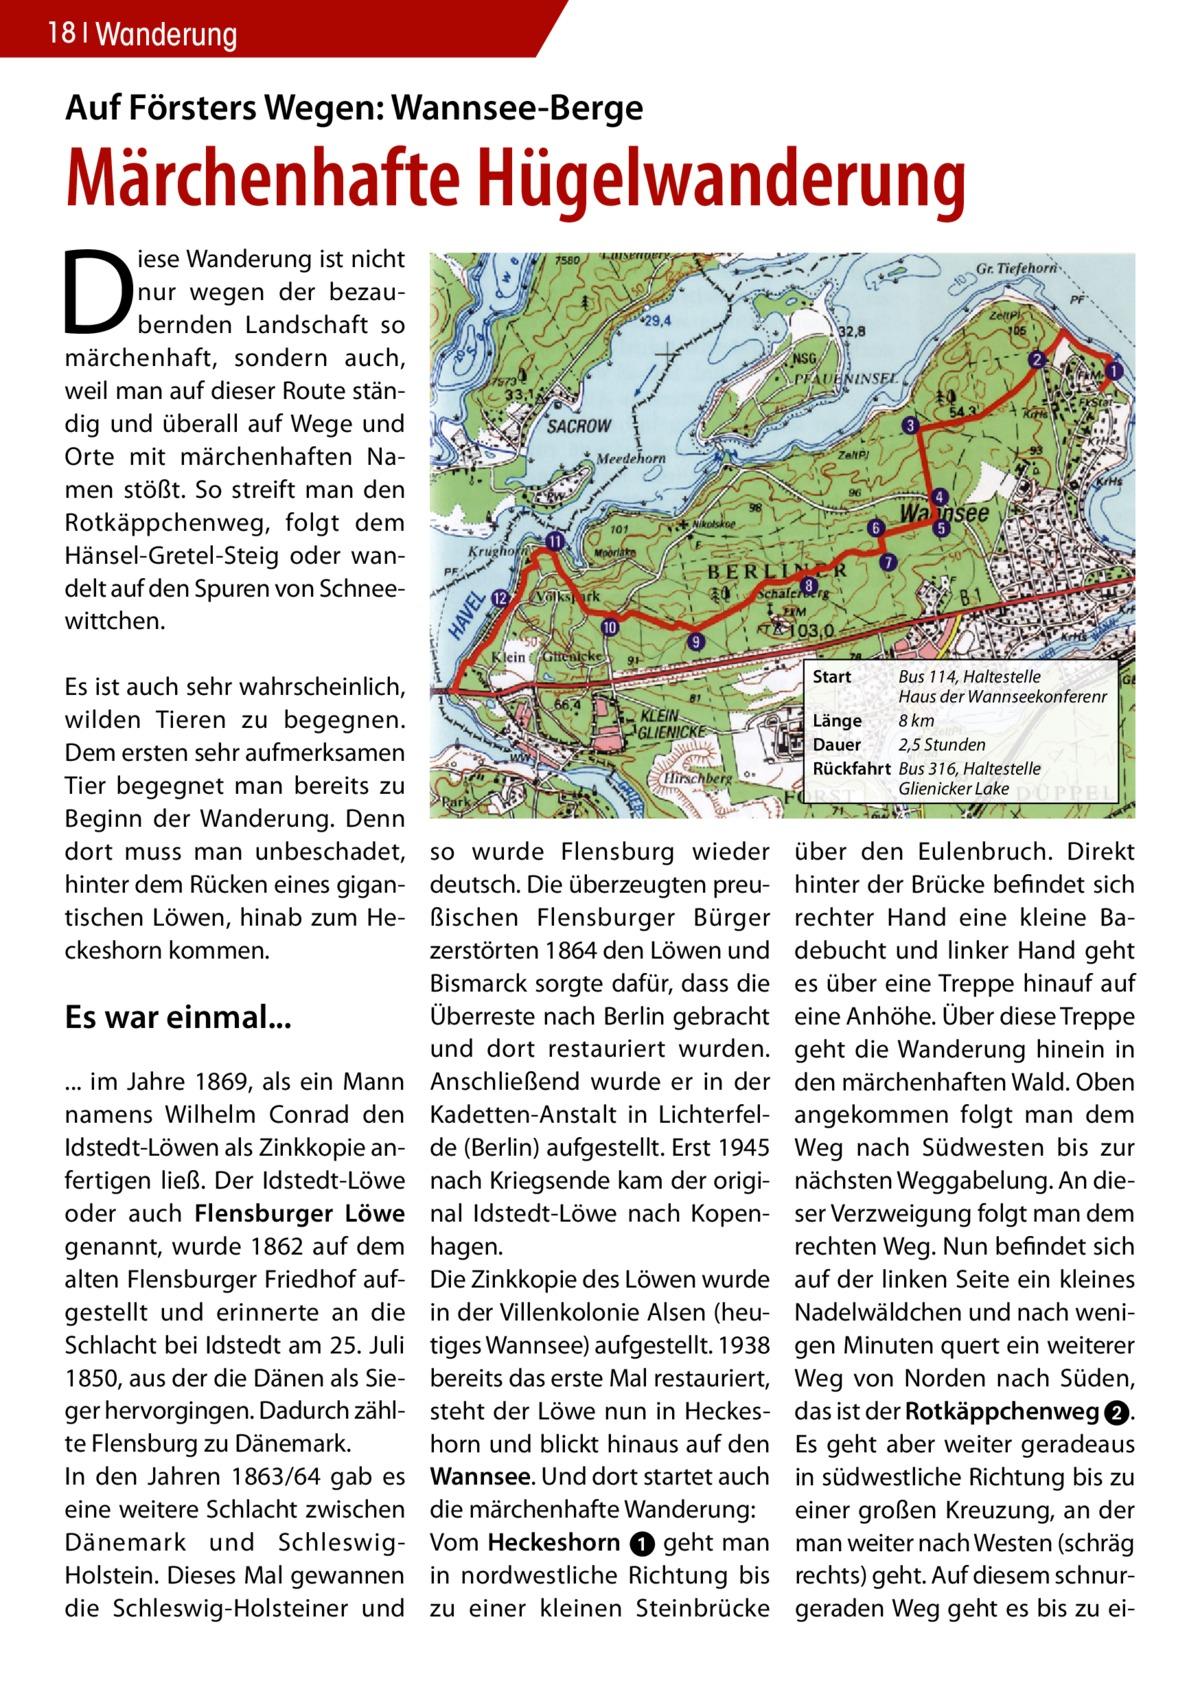 18 Wanderung  Auf Försters Wegen: Wannsee-Berge  Märchenhafte Hügelwanderung  D  iese Wanderung ist nicht nur wegen der bezaubernden Landschaft so märchenhaft, sondern auch, weil man auf dieser Route ständig und überall auf Wege und Orte mit märchenhaften Namen stößt. So streift man den Rotkäppchenweg, folgt dem Hänsel-Gretel-Steig oder wandelt auf den Spuren von Schneewittchen. Es ist auch sehr wahrscheinlich, wilden Tieren zu begegnen. Dem ersten sehr aufmerksamen Tier begegnet man bereits zu Beginn der Wanderung. Denn dort muss man unbeschadet, hinter dem Rücken eines gigantischen Löwen, hinab zum Heckeshorn kommen.  Es war einmal... ... im Jahre 1869, als ein Mann namens Wilhelm Conrad den Idstedt-Löwen als Zinkkopie anfertigen ließ. Der Idstedt-Löwe oder auch Flensburger Löwe genannt, wurde 1862 auf dem alten Flensburger Friedhof aufgestellt und erinnerte an die Schlacht bei Idstedt am 25. Juli 1850, aus der die Dänen als Sieger hervorgingen. Dadurch zählte Flensburg zu Dänemark. In den Jahren 1863/64 gab es eine weitere Schlacht zwischen Dänemark und SchleswigHolstein. Dieses Mal gewannen die Schleswig-Holsteiner und  Start  Bus 114, Haltestelle Haus der Wannseekonferenr Länge 8 km Dauer 2,5 Stunden Rückfahrt Bus 316, Haltestelle Glienicker Lake  so wurde Flensburg wieder deutsch. Die überzeugten preußischen Flensburger Bürger zerstörten 1864 den Löwen und Bismarck sorgte dafür, dass die Überreste nach Berlin gebracht und dort restauriert wurden. Anschließend wurde er in der Kadetten-Anstalt in Lichterfelde (Berlin) aufgestellt. Erst 1945 nach Kriegsende kam der original Idstedt-Löwe nach Kopenhagen. Die Zinkkopie des Löwen wurde in der Villenkolonie Alsen (heutiges Wannsee) aufgestellt. 1938 bereits das erste Mal restauriert, steht der Löwe nun in Heckeshorn und blickt hinaus auf den Wannsee. Und dort startet auch die märchenhafte Wanderung: Vom Heckeshorn ➊ geht man in nordwestliche Richtung bis zu einer kleinen Steinbrücke  über den Eulenbruch. Direkt hinte